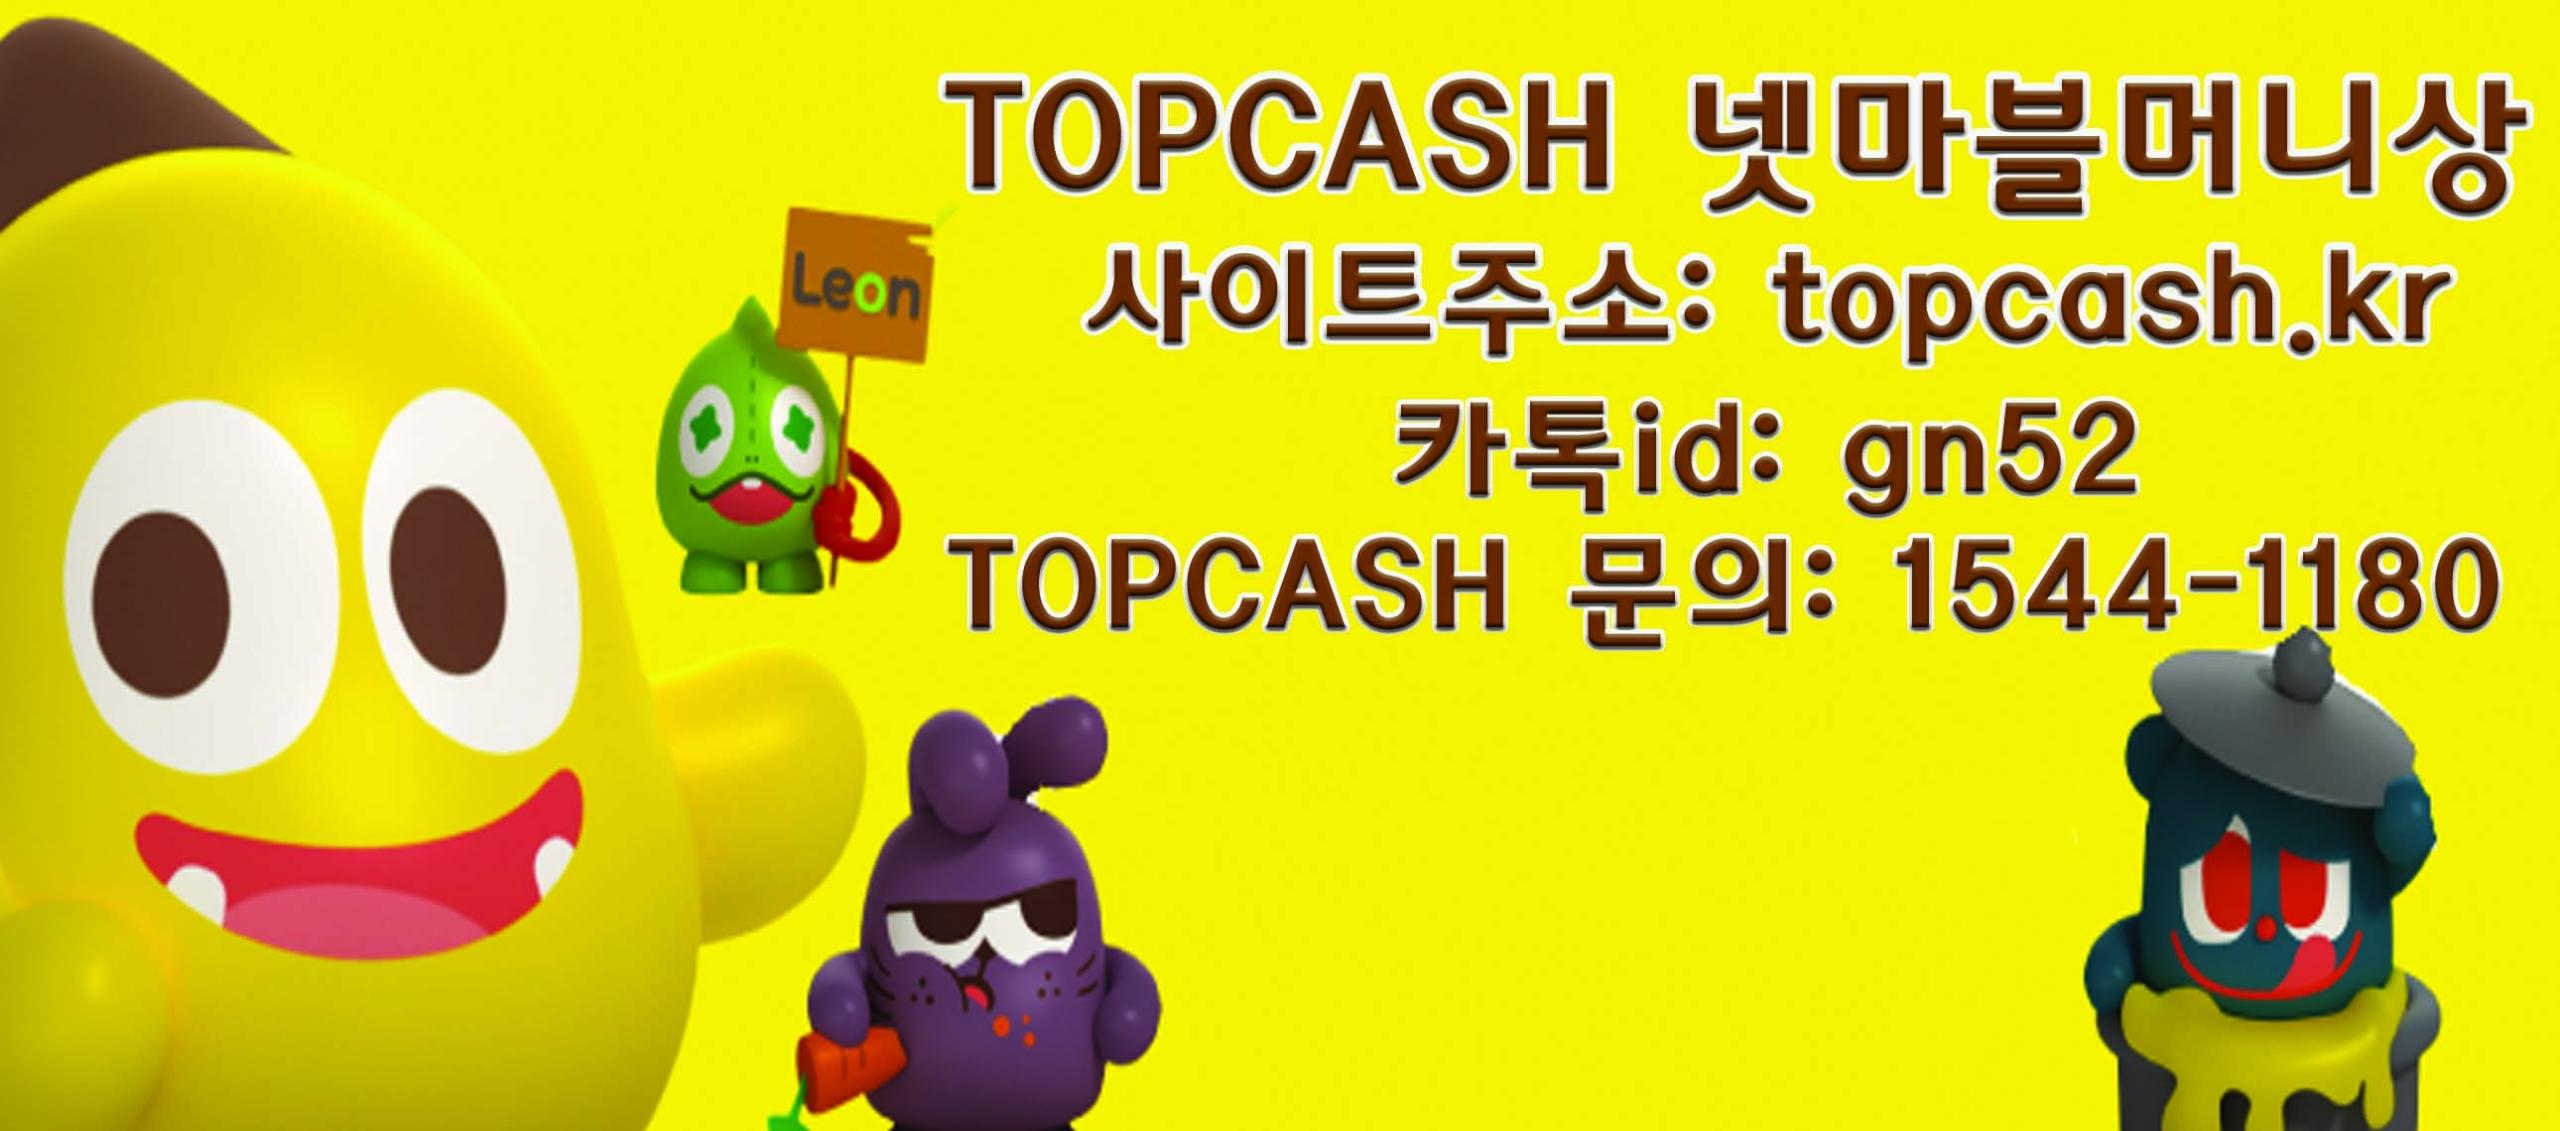 포커머니 TOPcash점KR (@sptakqmf0012) Cover Image